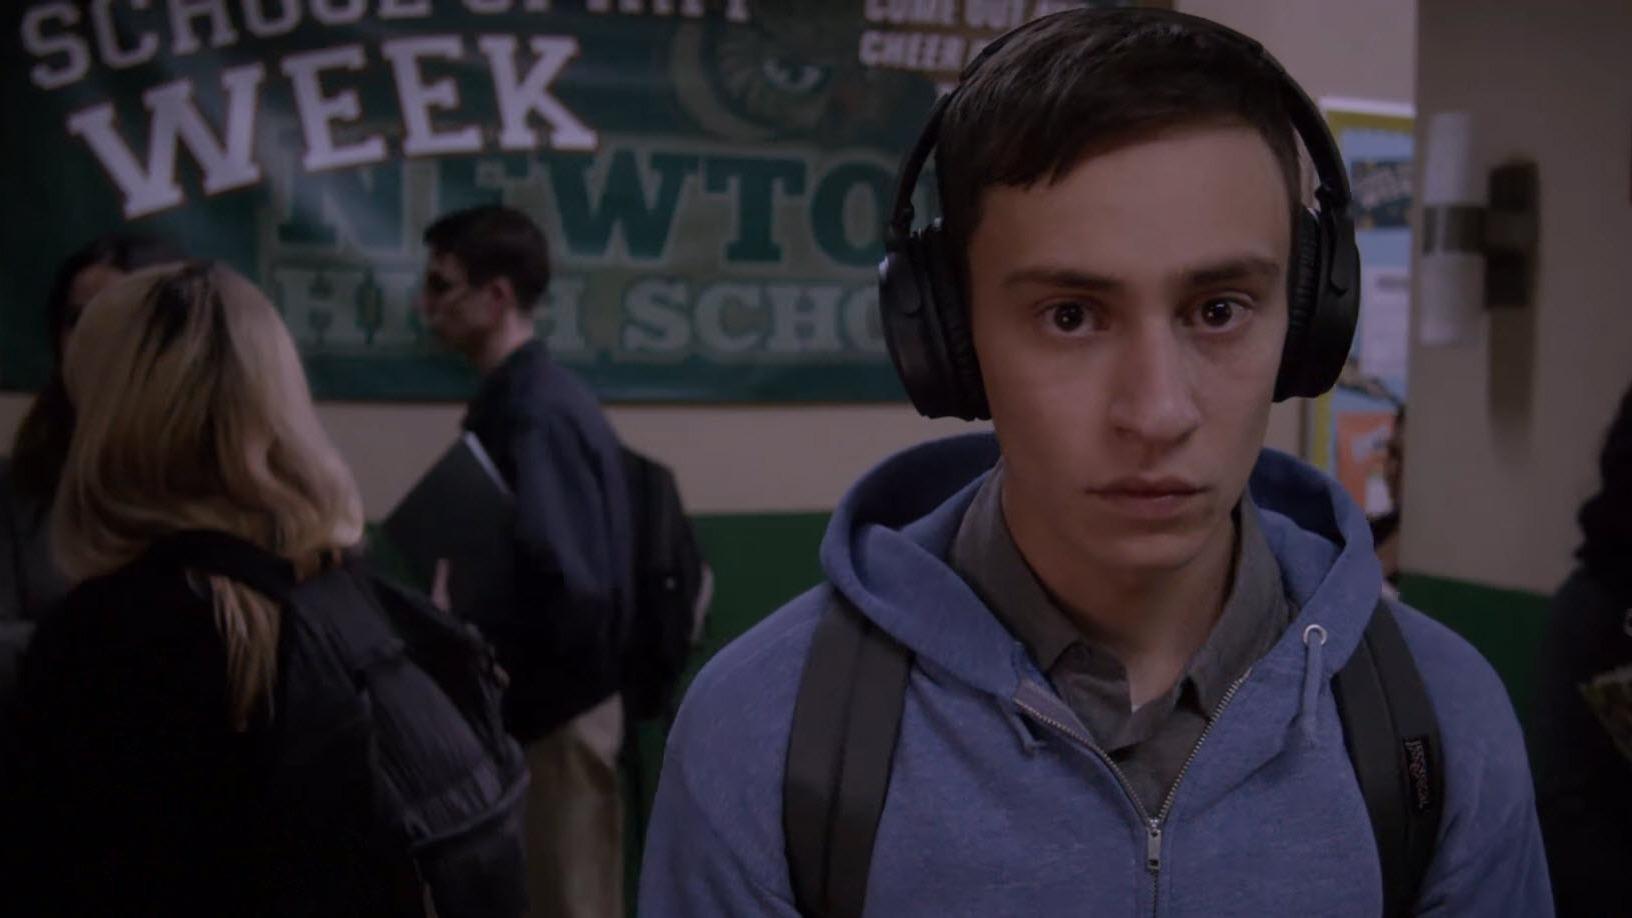 Sam Gardner es el protagonista de la serie Atypical. Interpreta a un adolescente de 18 años que tienen un trastorno del espectro autista.